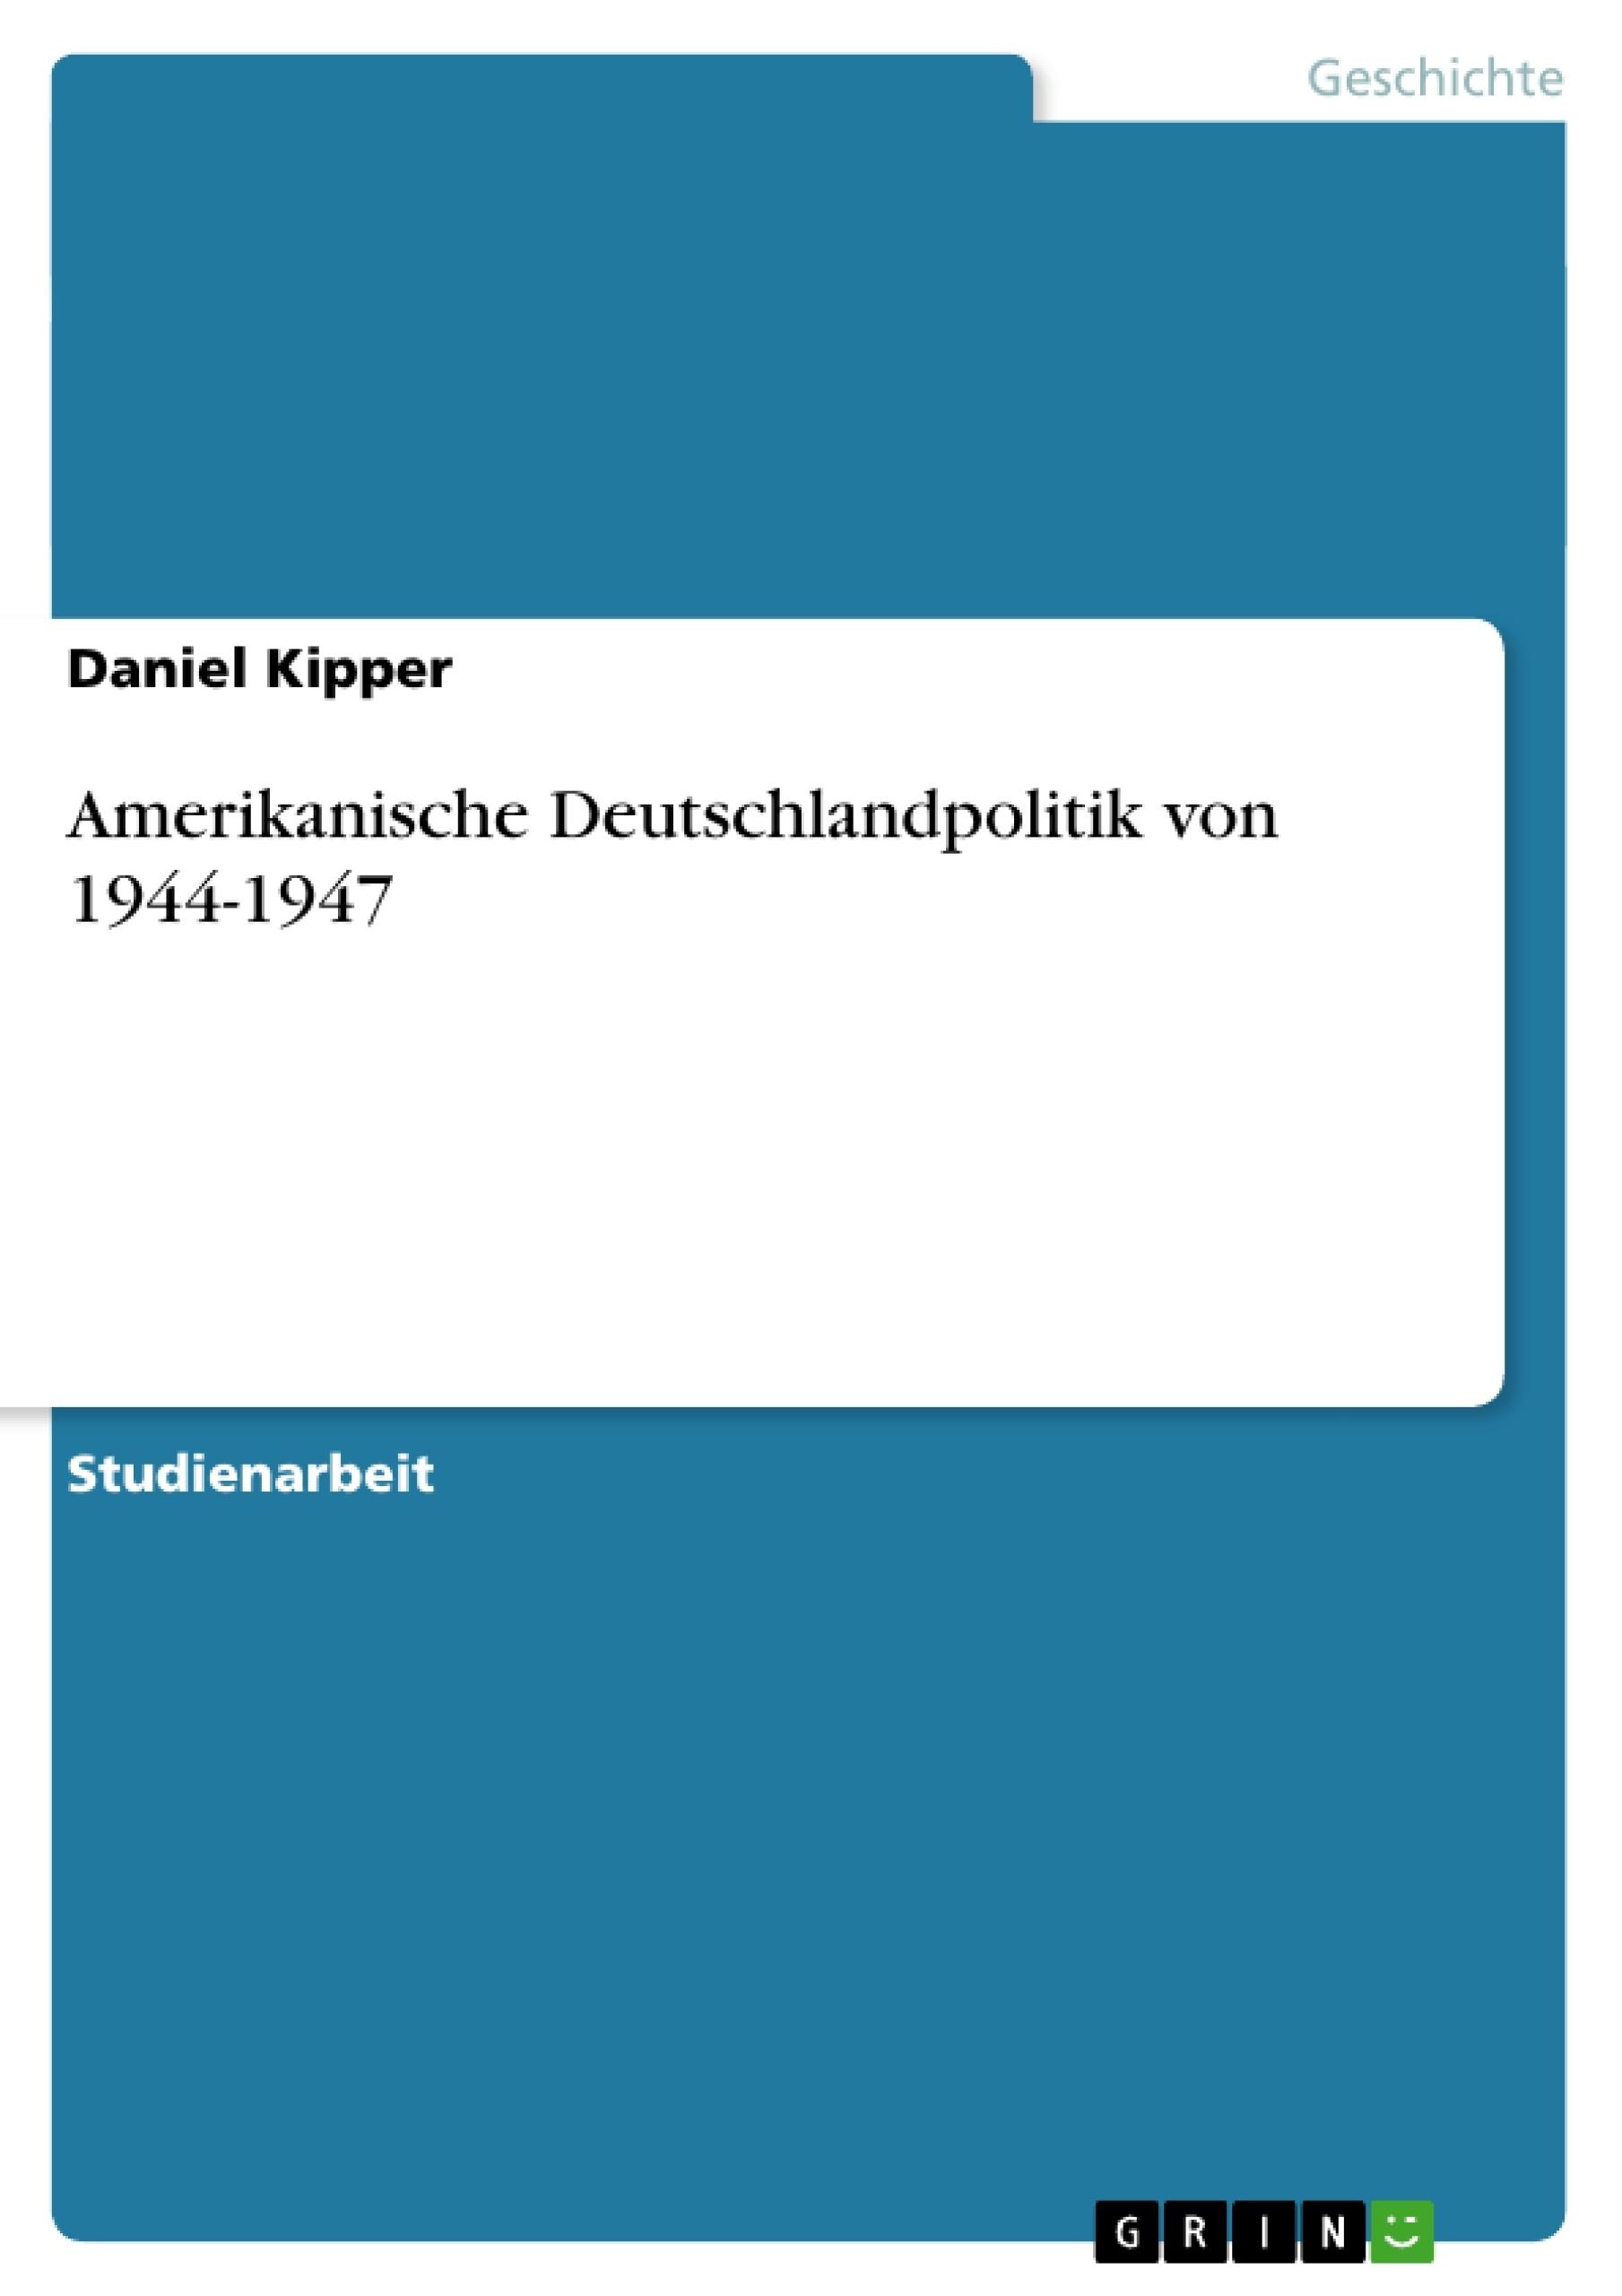 Titel: Amerikanische Deutschlandpolitik von 1944-1947